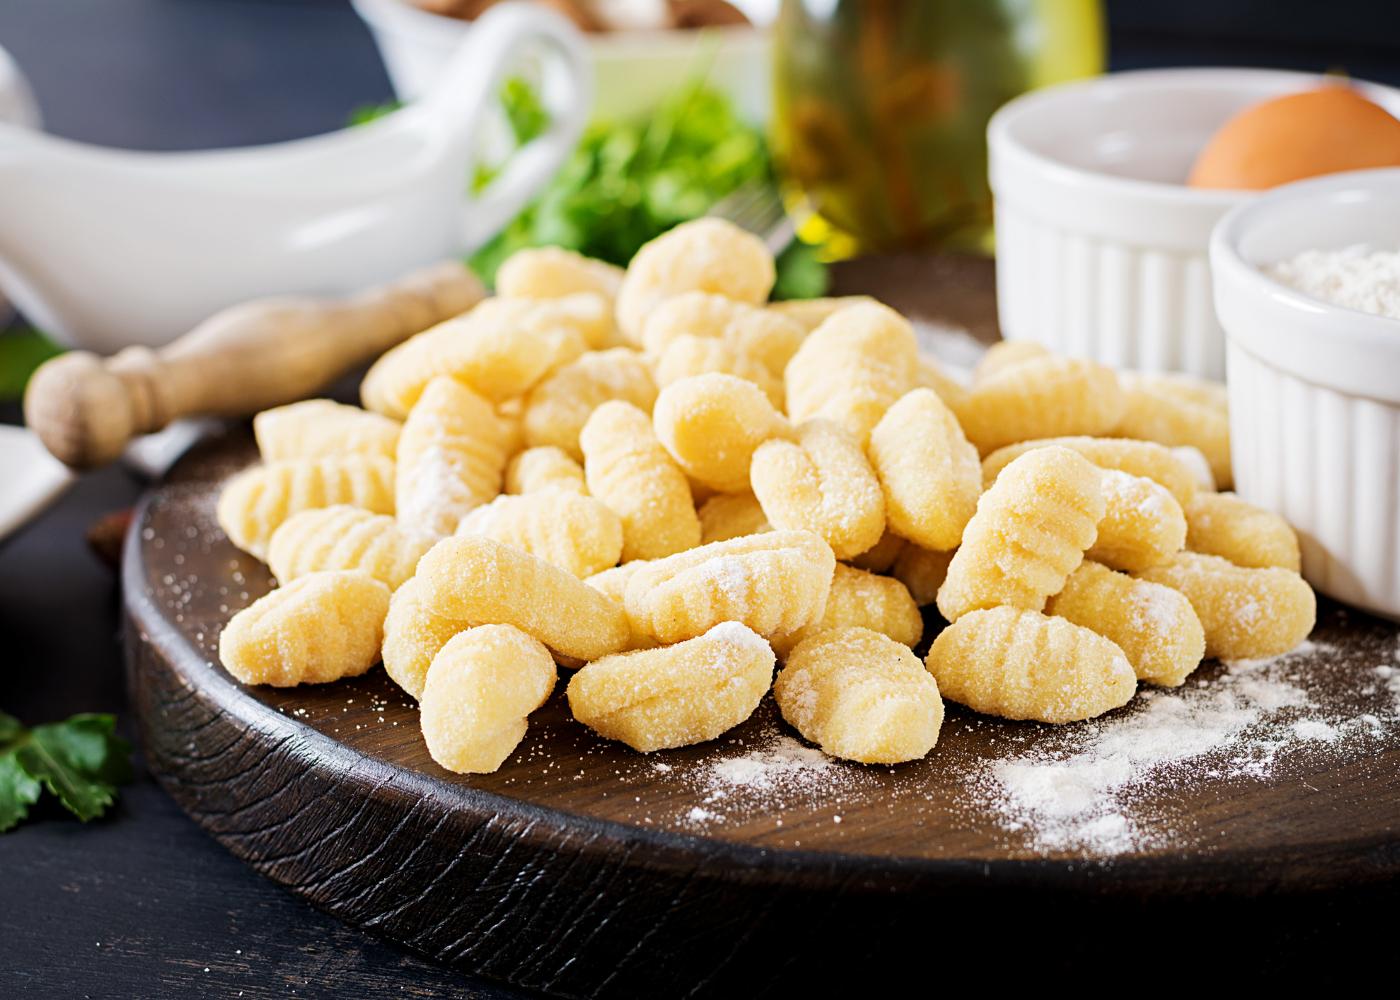 gnocchi: descubra 5 receitas faceis e deliciosas